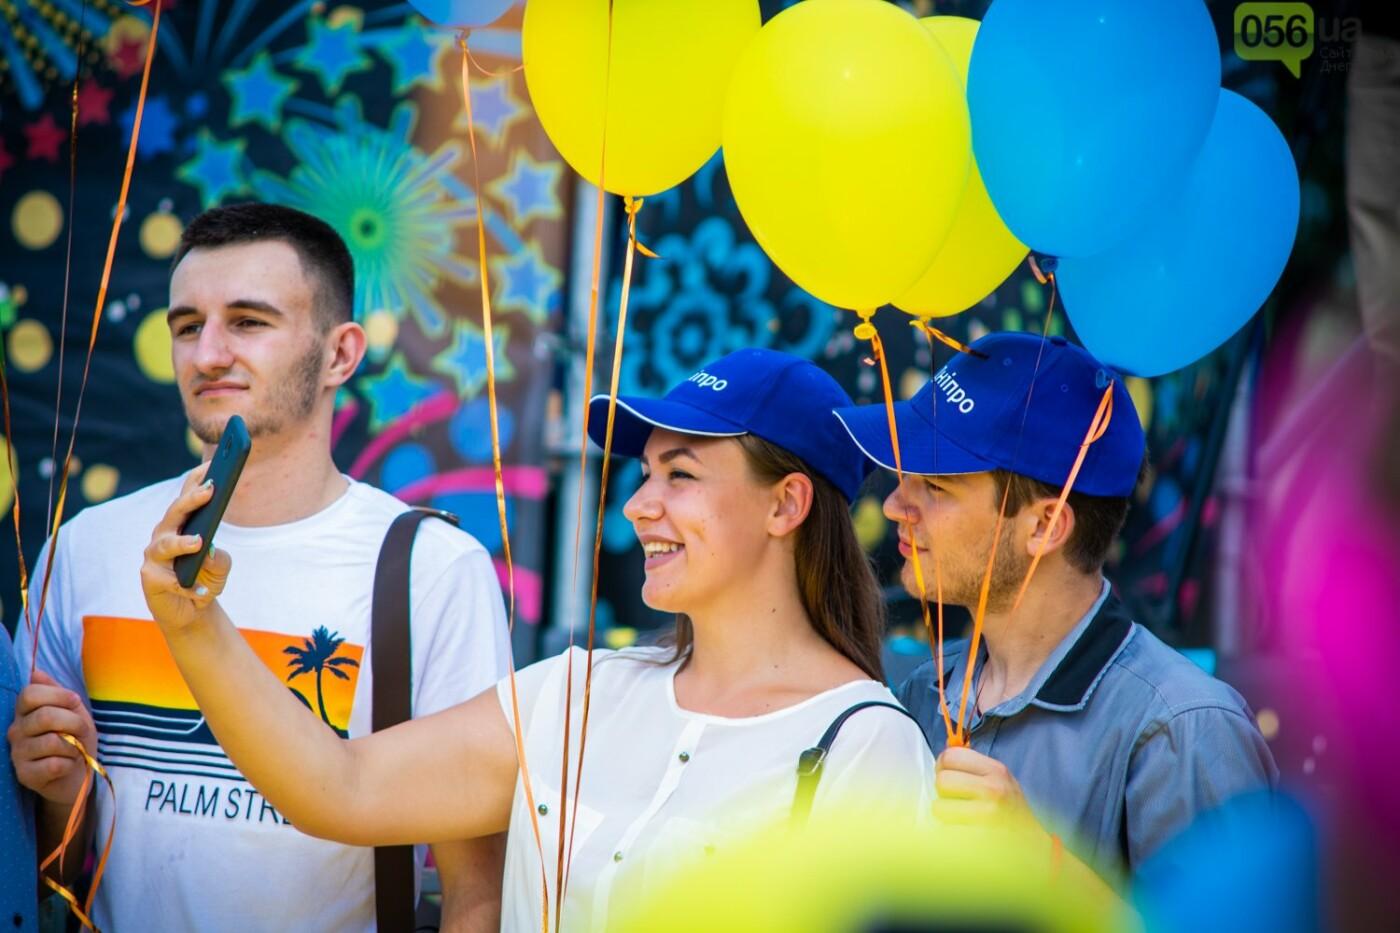 В Днепре устроили красочный флешмоб ко Дню Конституции, - ФОТОРЕПОРТАЖ, фото-4